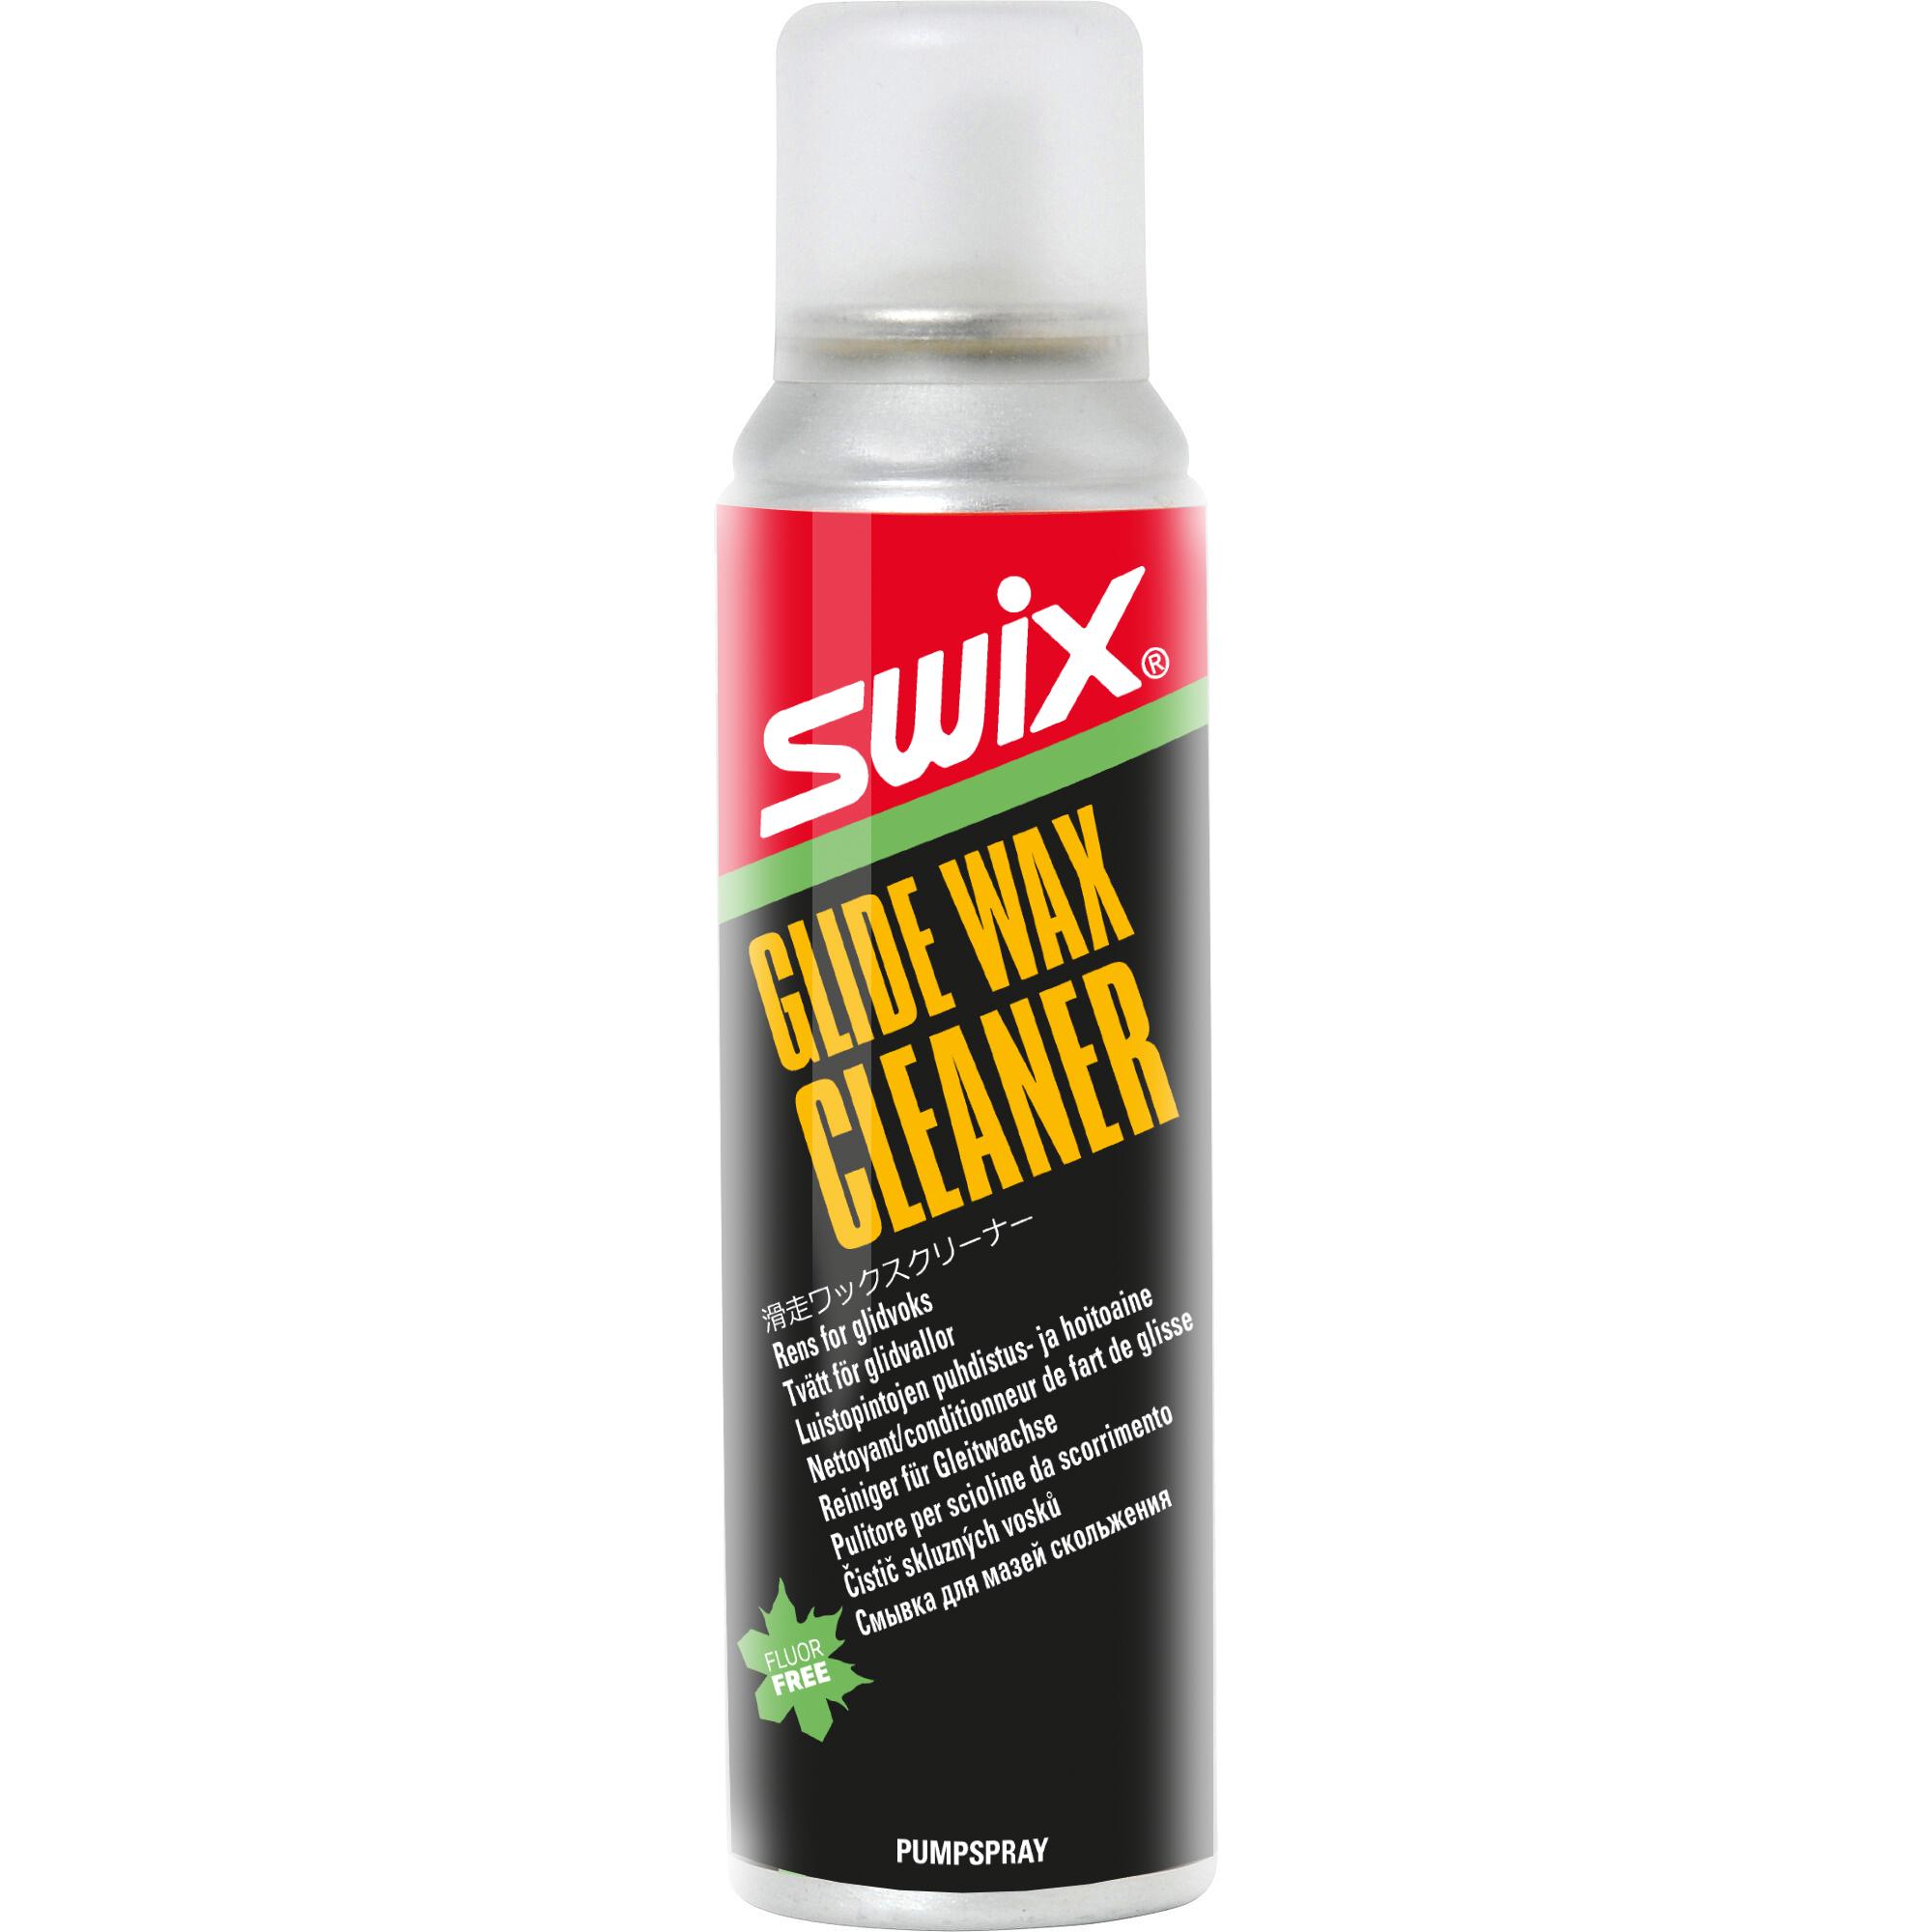 SWIX Glide Wax Cleaner, 150ml